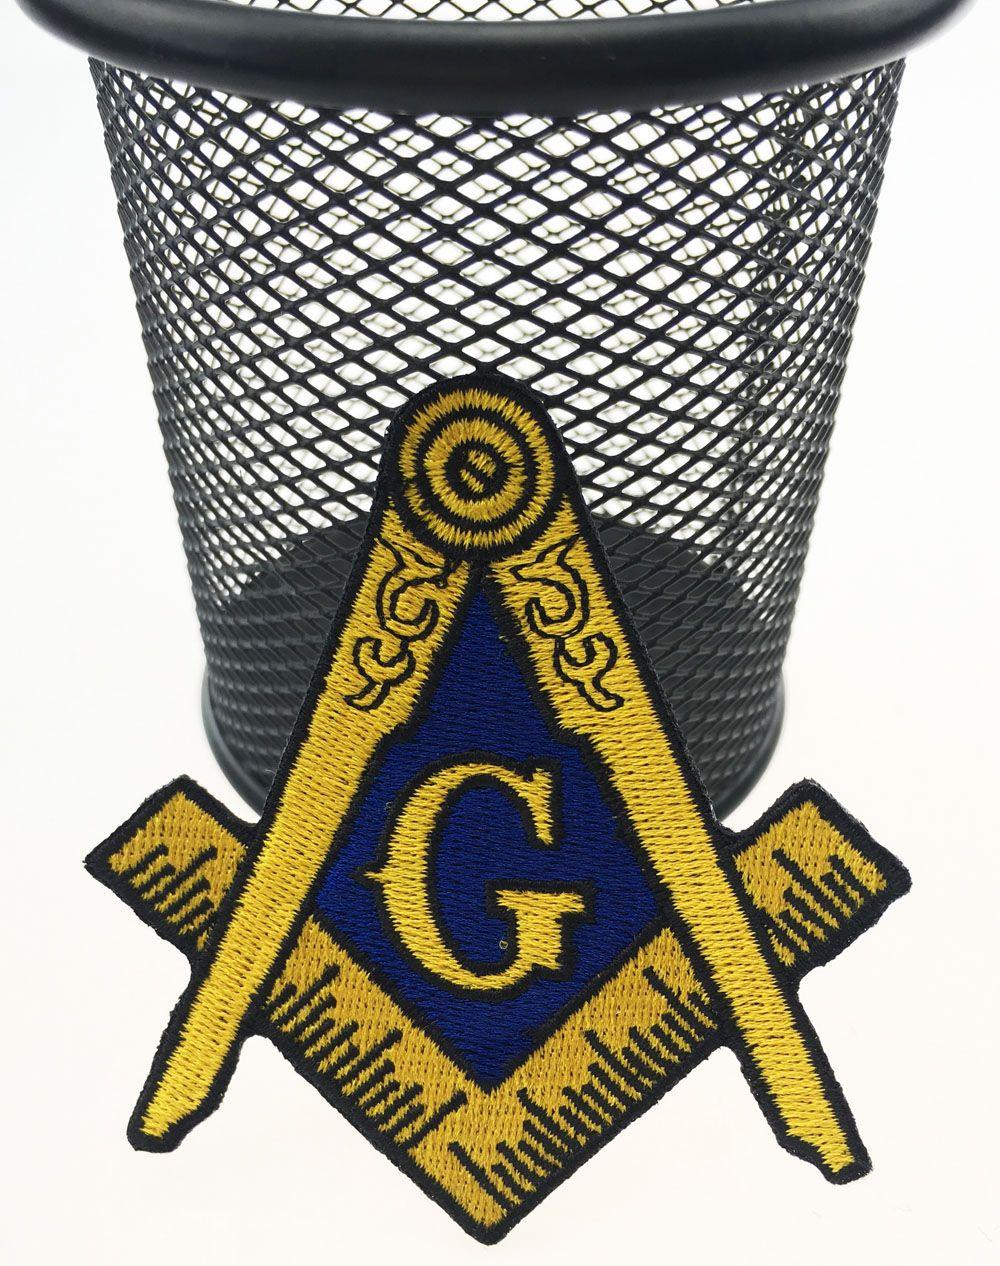 뜨거운 판매! 모든 의류에 프리메이슨의 로고 패치 자수 철에 의류 프리메이슨 결사의 상징 메이슨 G 광장 나침반 패치 바느질